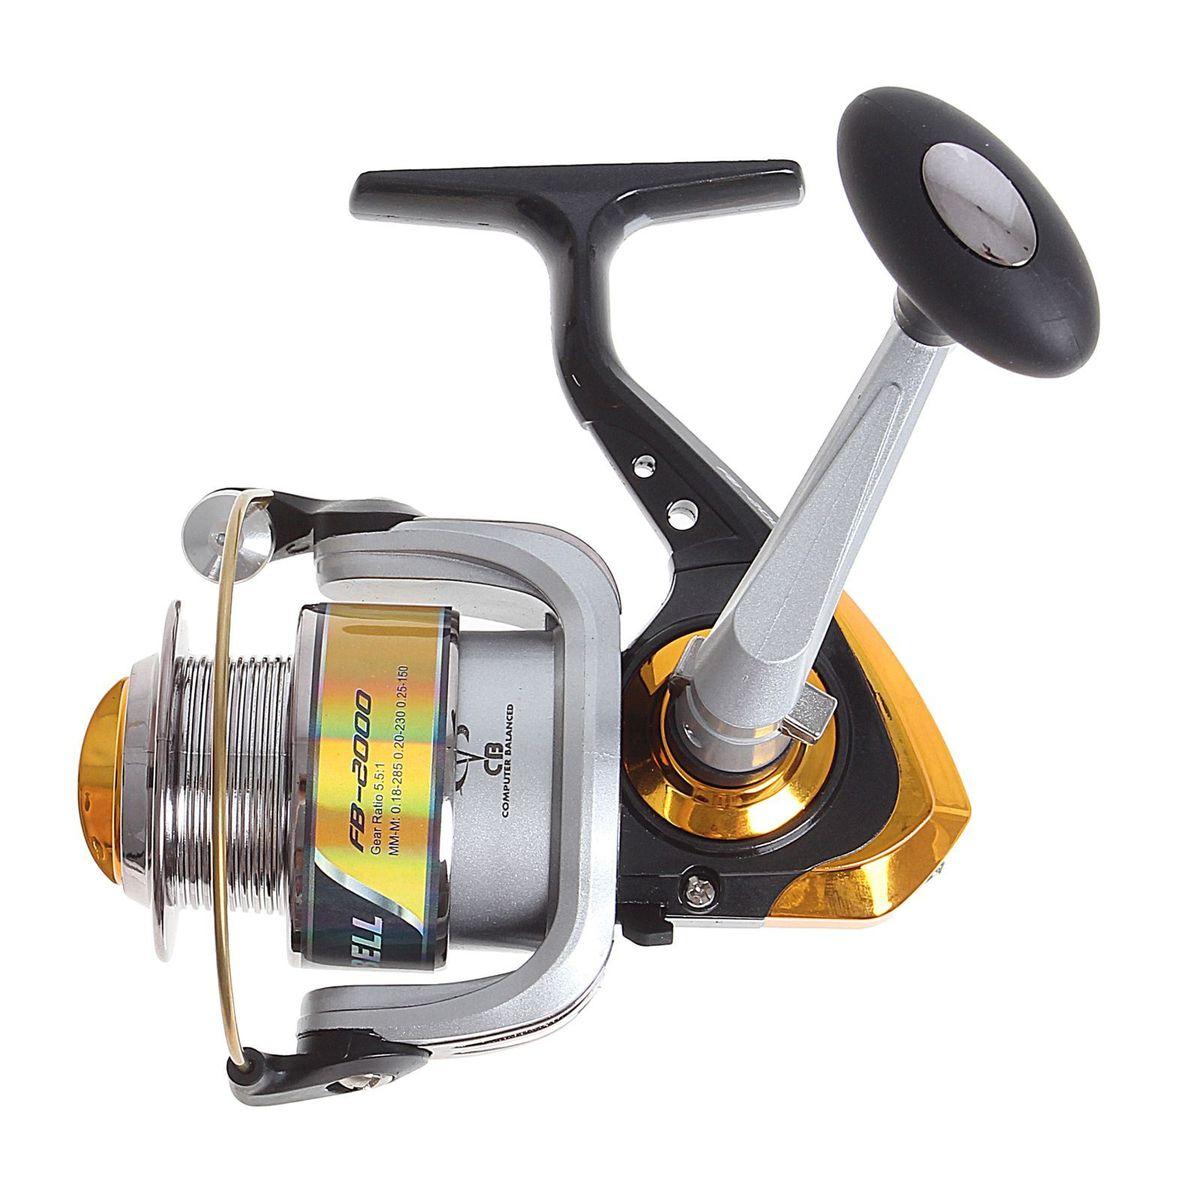 Катушка безынерционная Onlitop 1BB FB 2000, цвет: желтый, 1 подшипникMABLSEH10001Катушка 1BB FB 2000, это универсальная модель «эконом»-класса для разных условий рыбалки, отличный выбор для начинающих рыболовов.